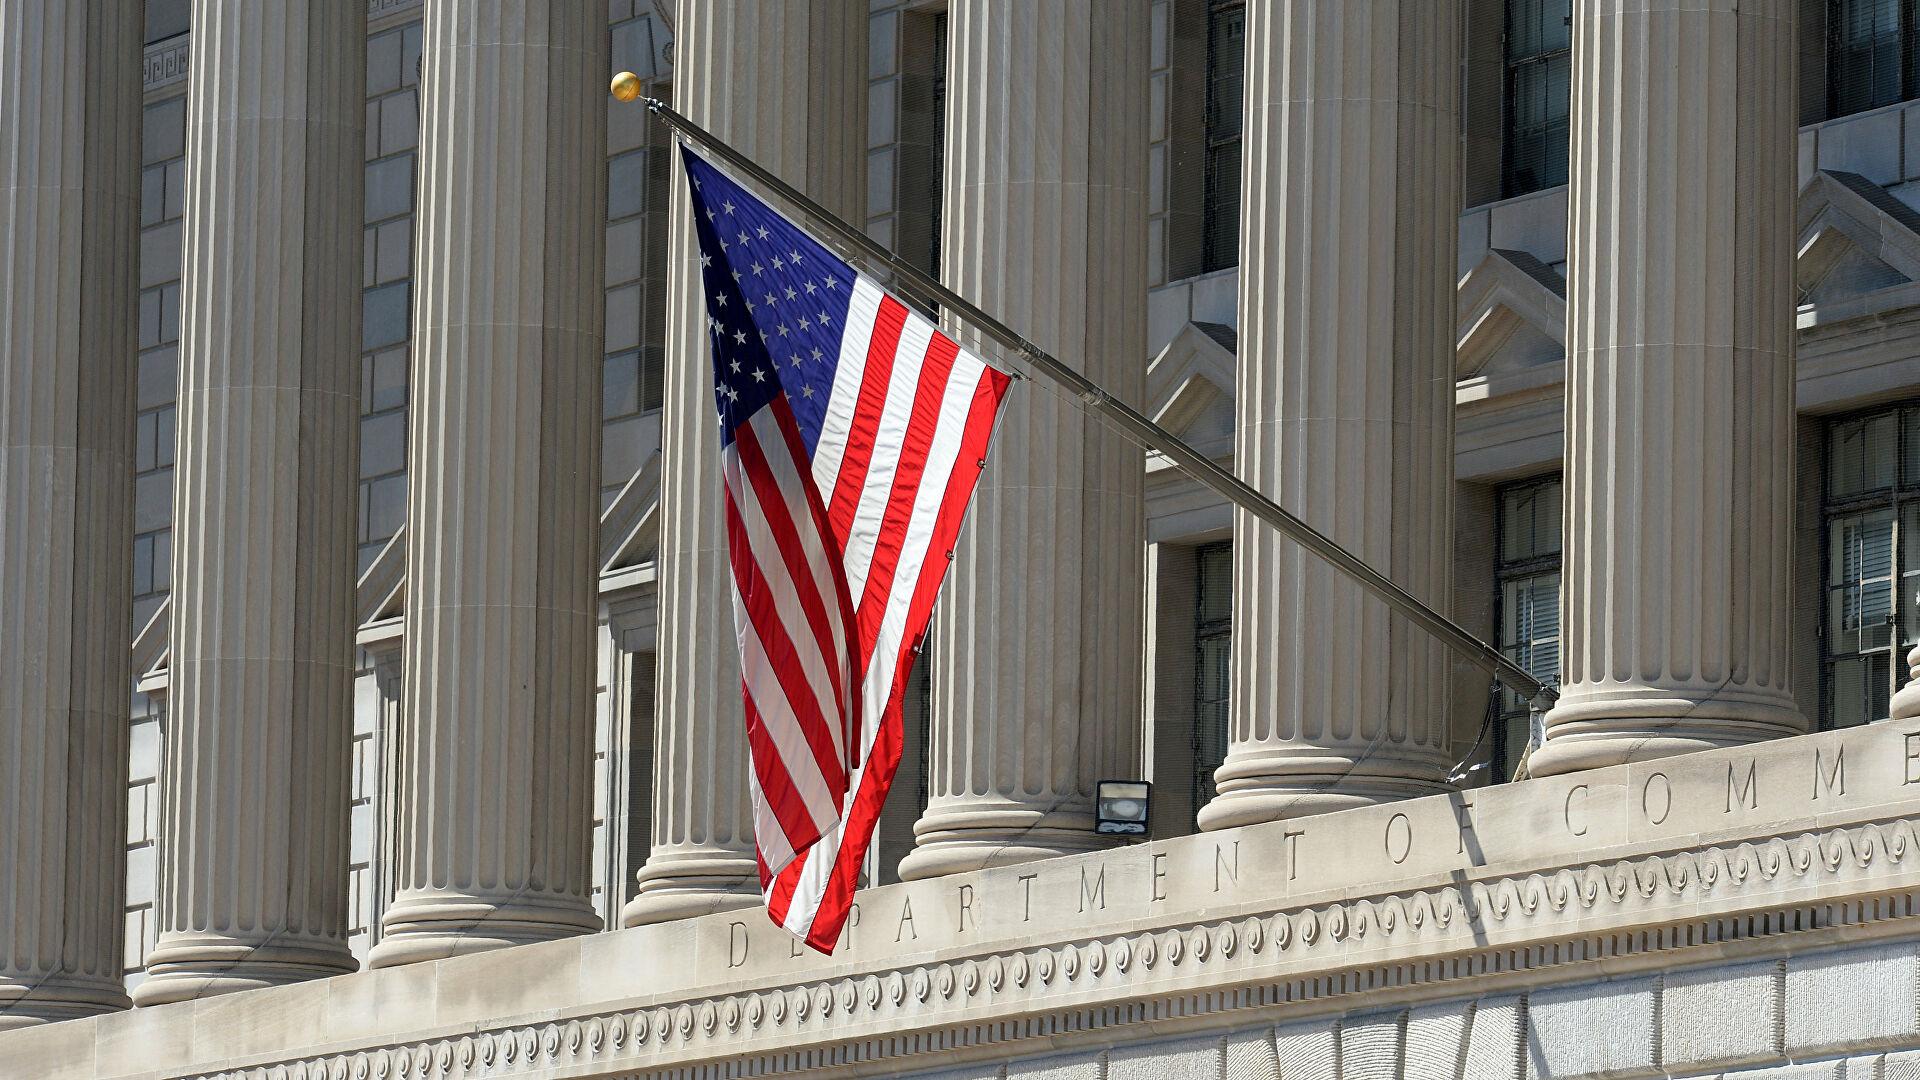 САД: Нове санкције Русији очекују у наредних неколико недеља